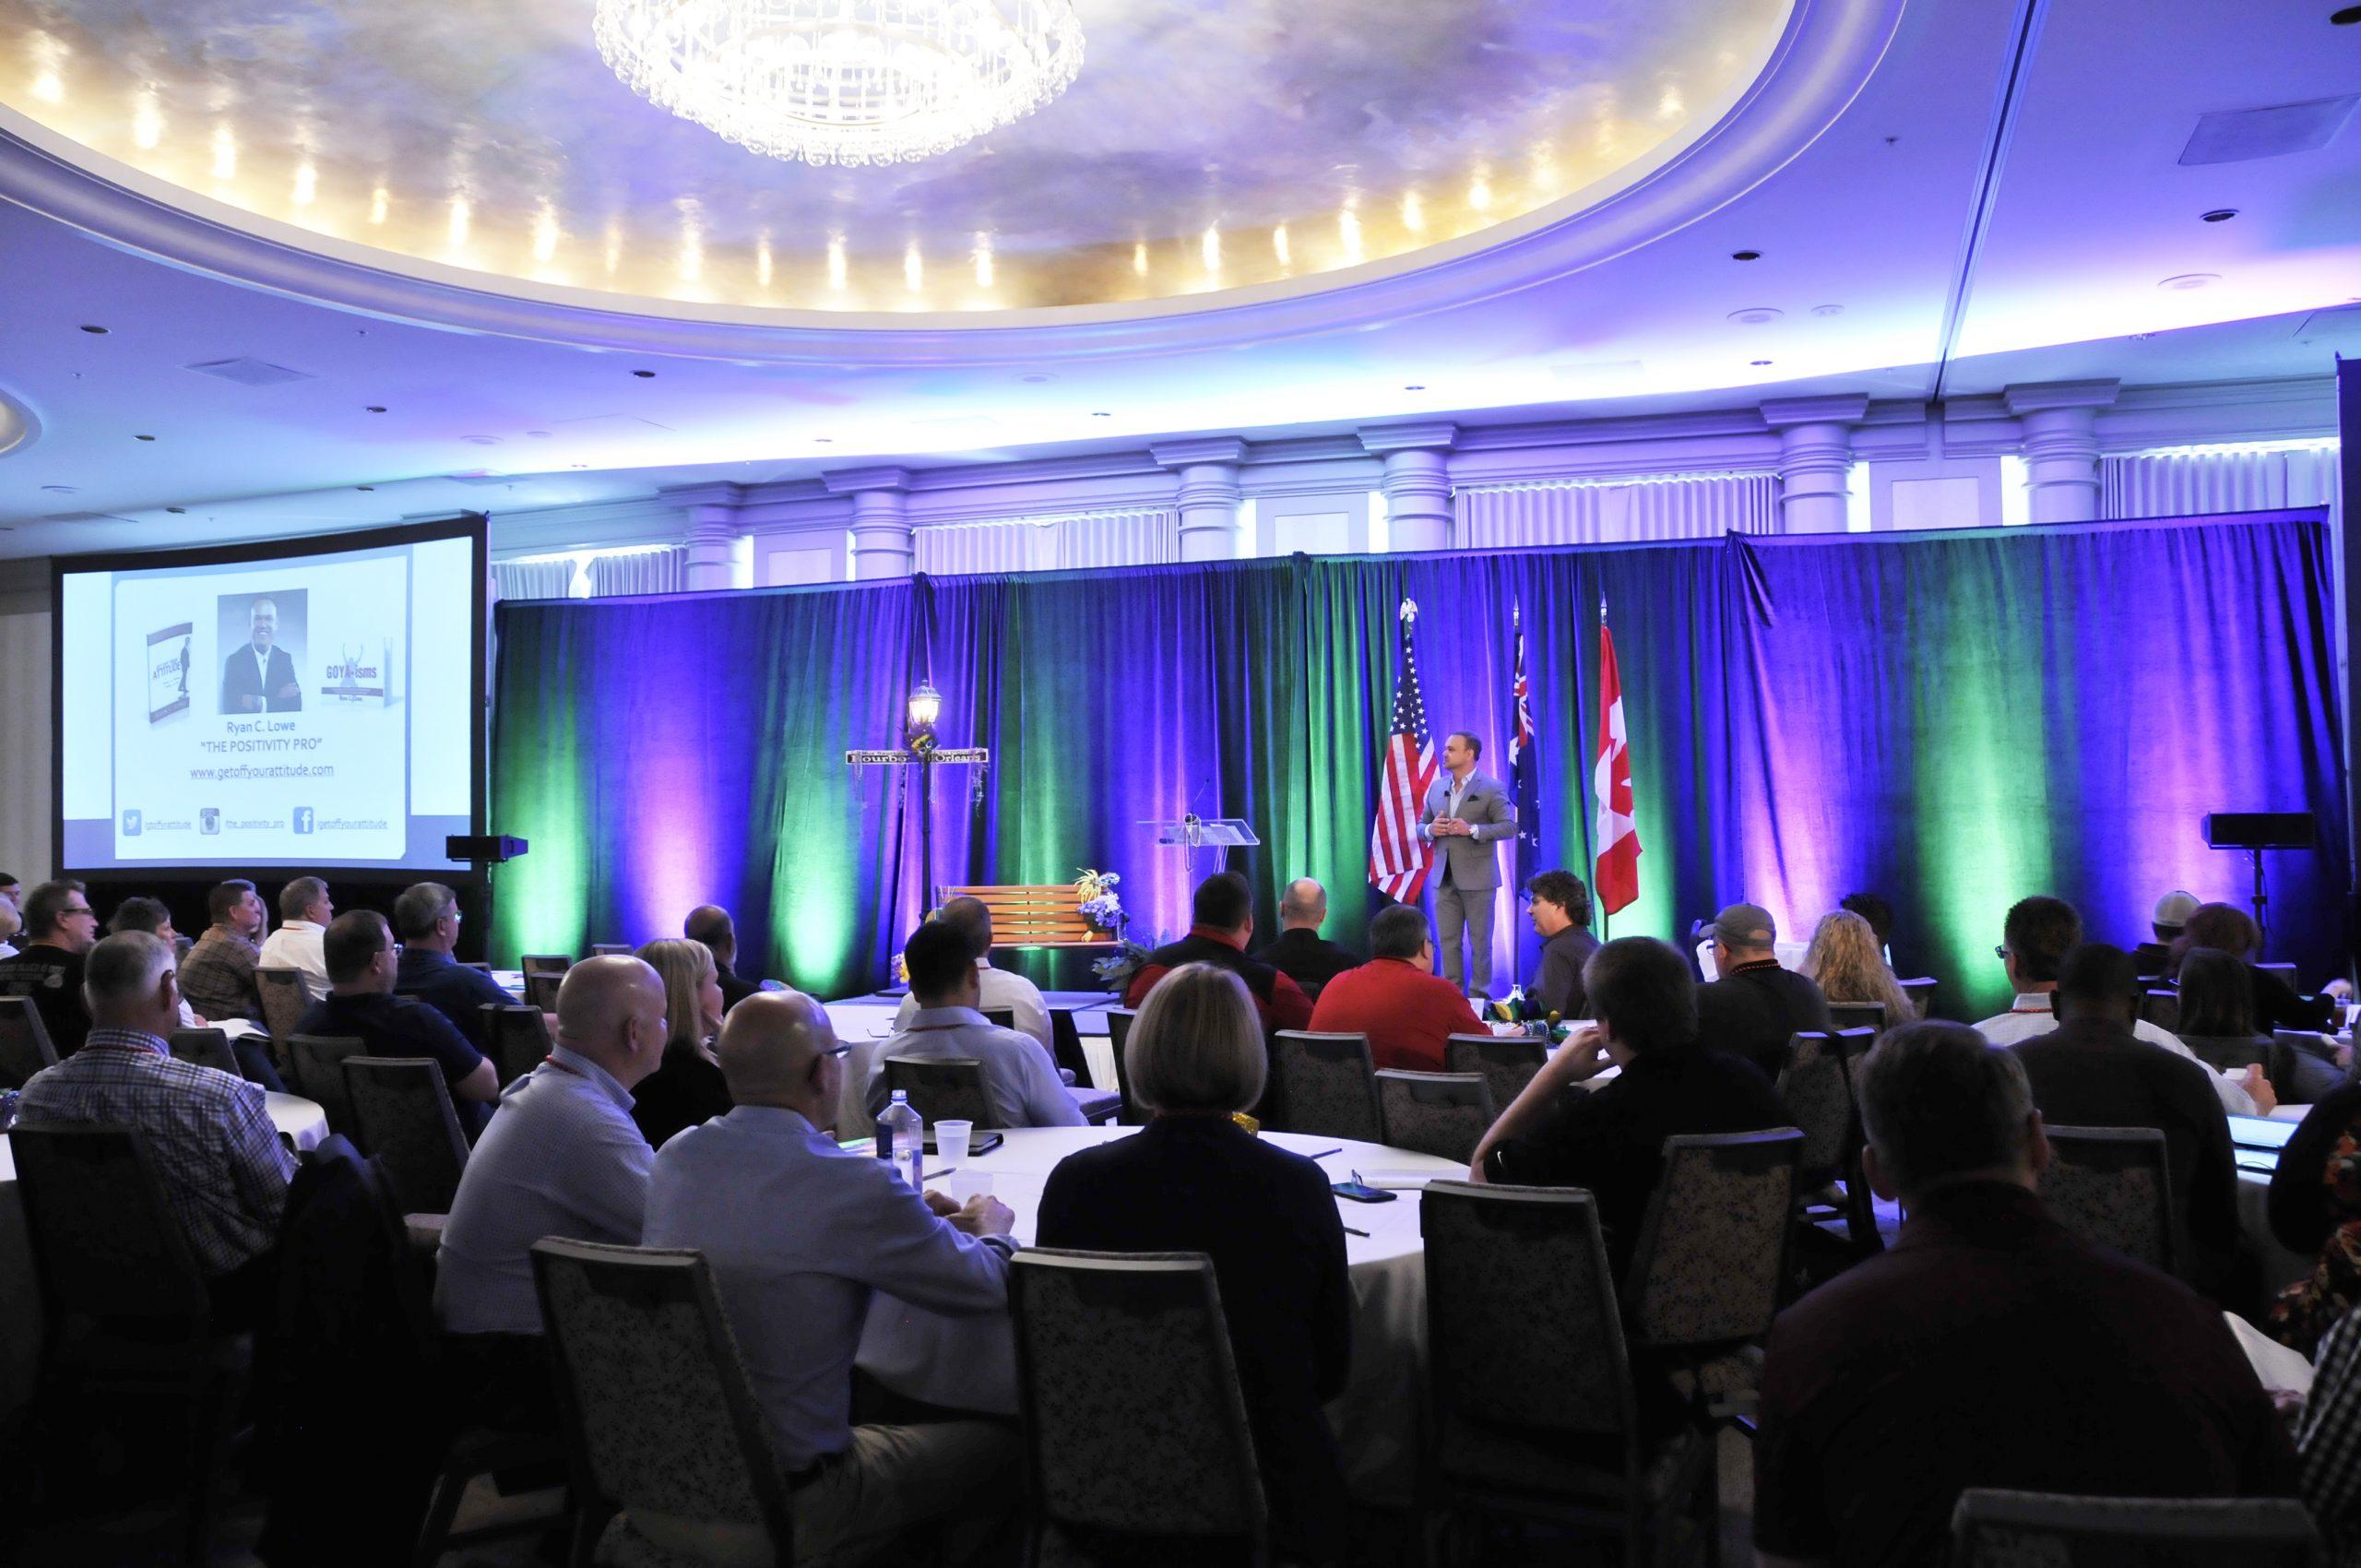 Ryan Lowe | Top New Orleans Motivational Keynote Speaker